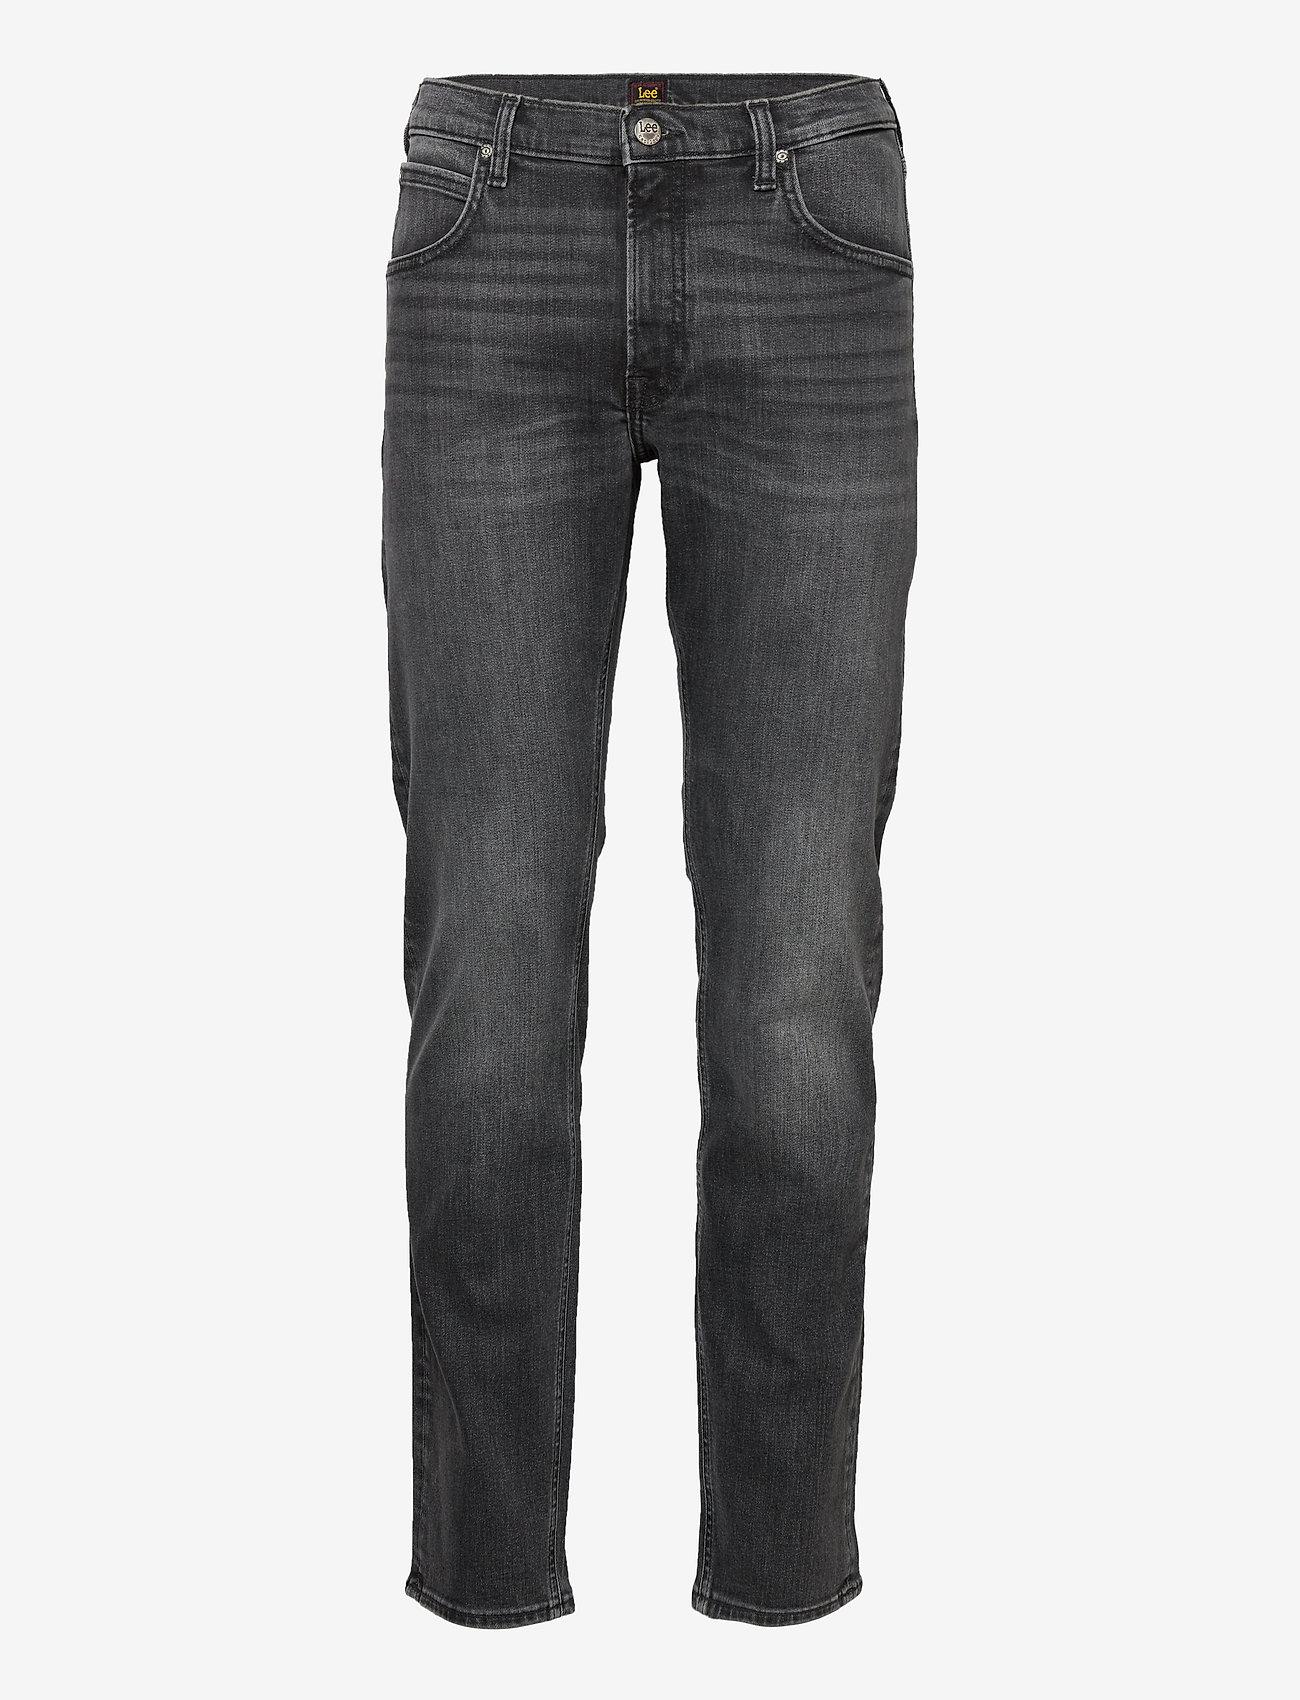 Lee Jeans - DAREN ZIP FLY - slim jeans - dk worn magnet - 0